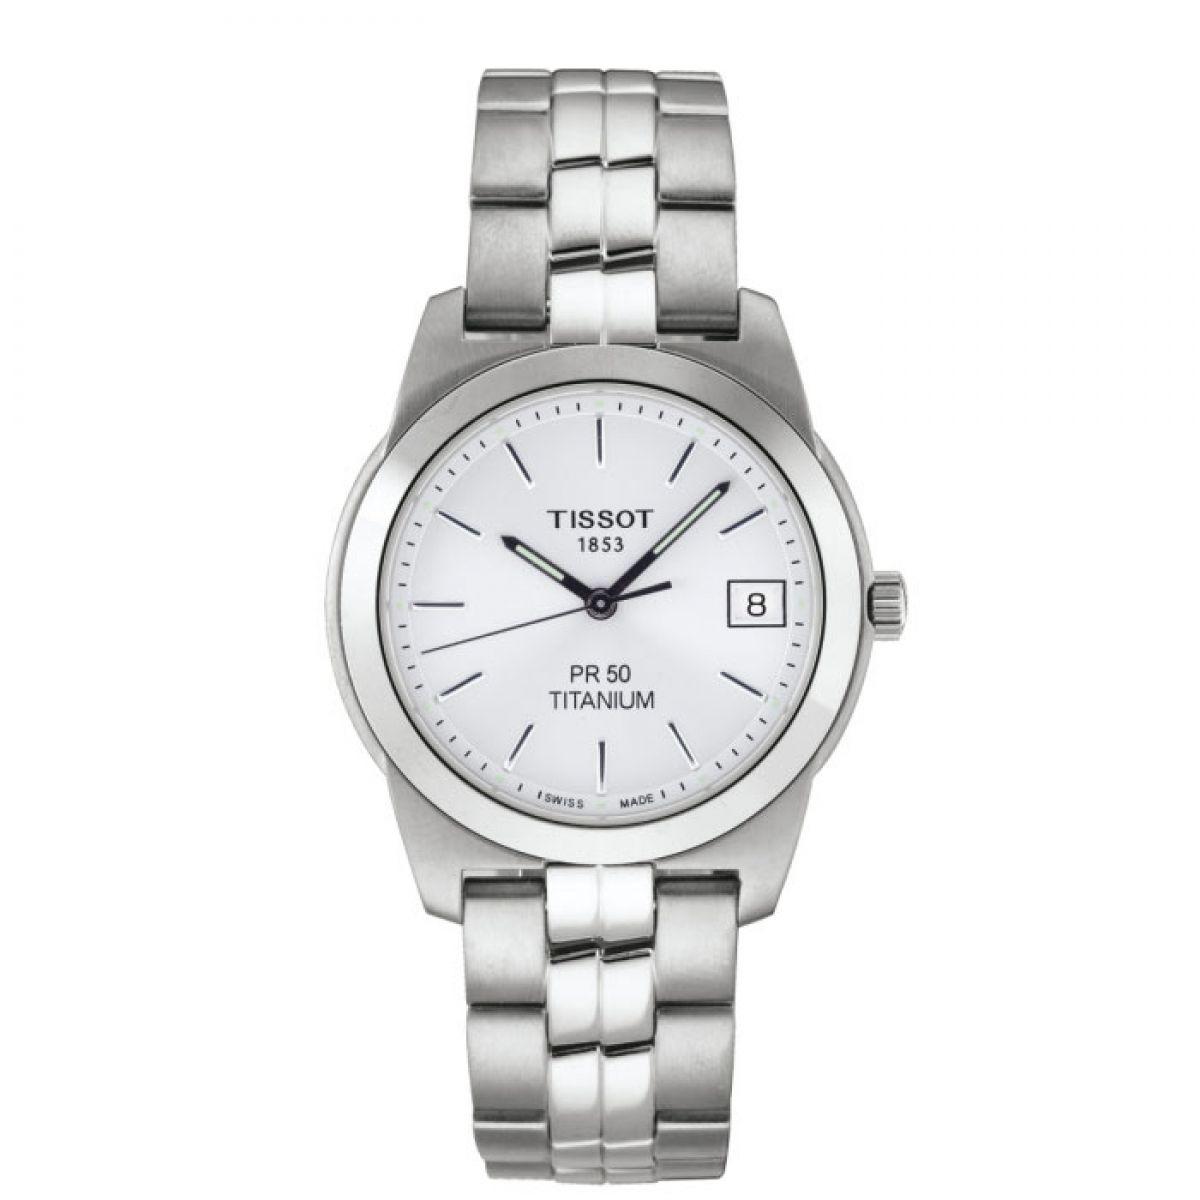 gents tissot pr50 watch t34748131 watchshop com rh watchshop com tissot pr50 seven titanium manual Tissot Titanium Date and Day